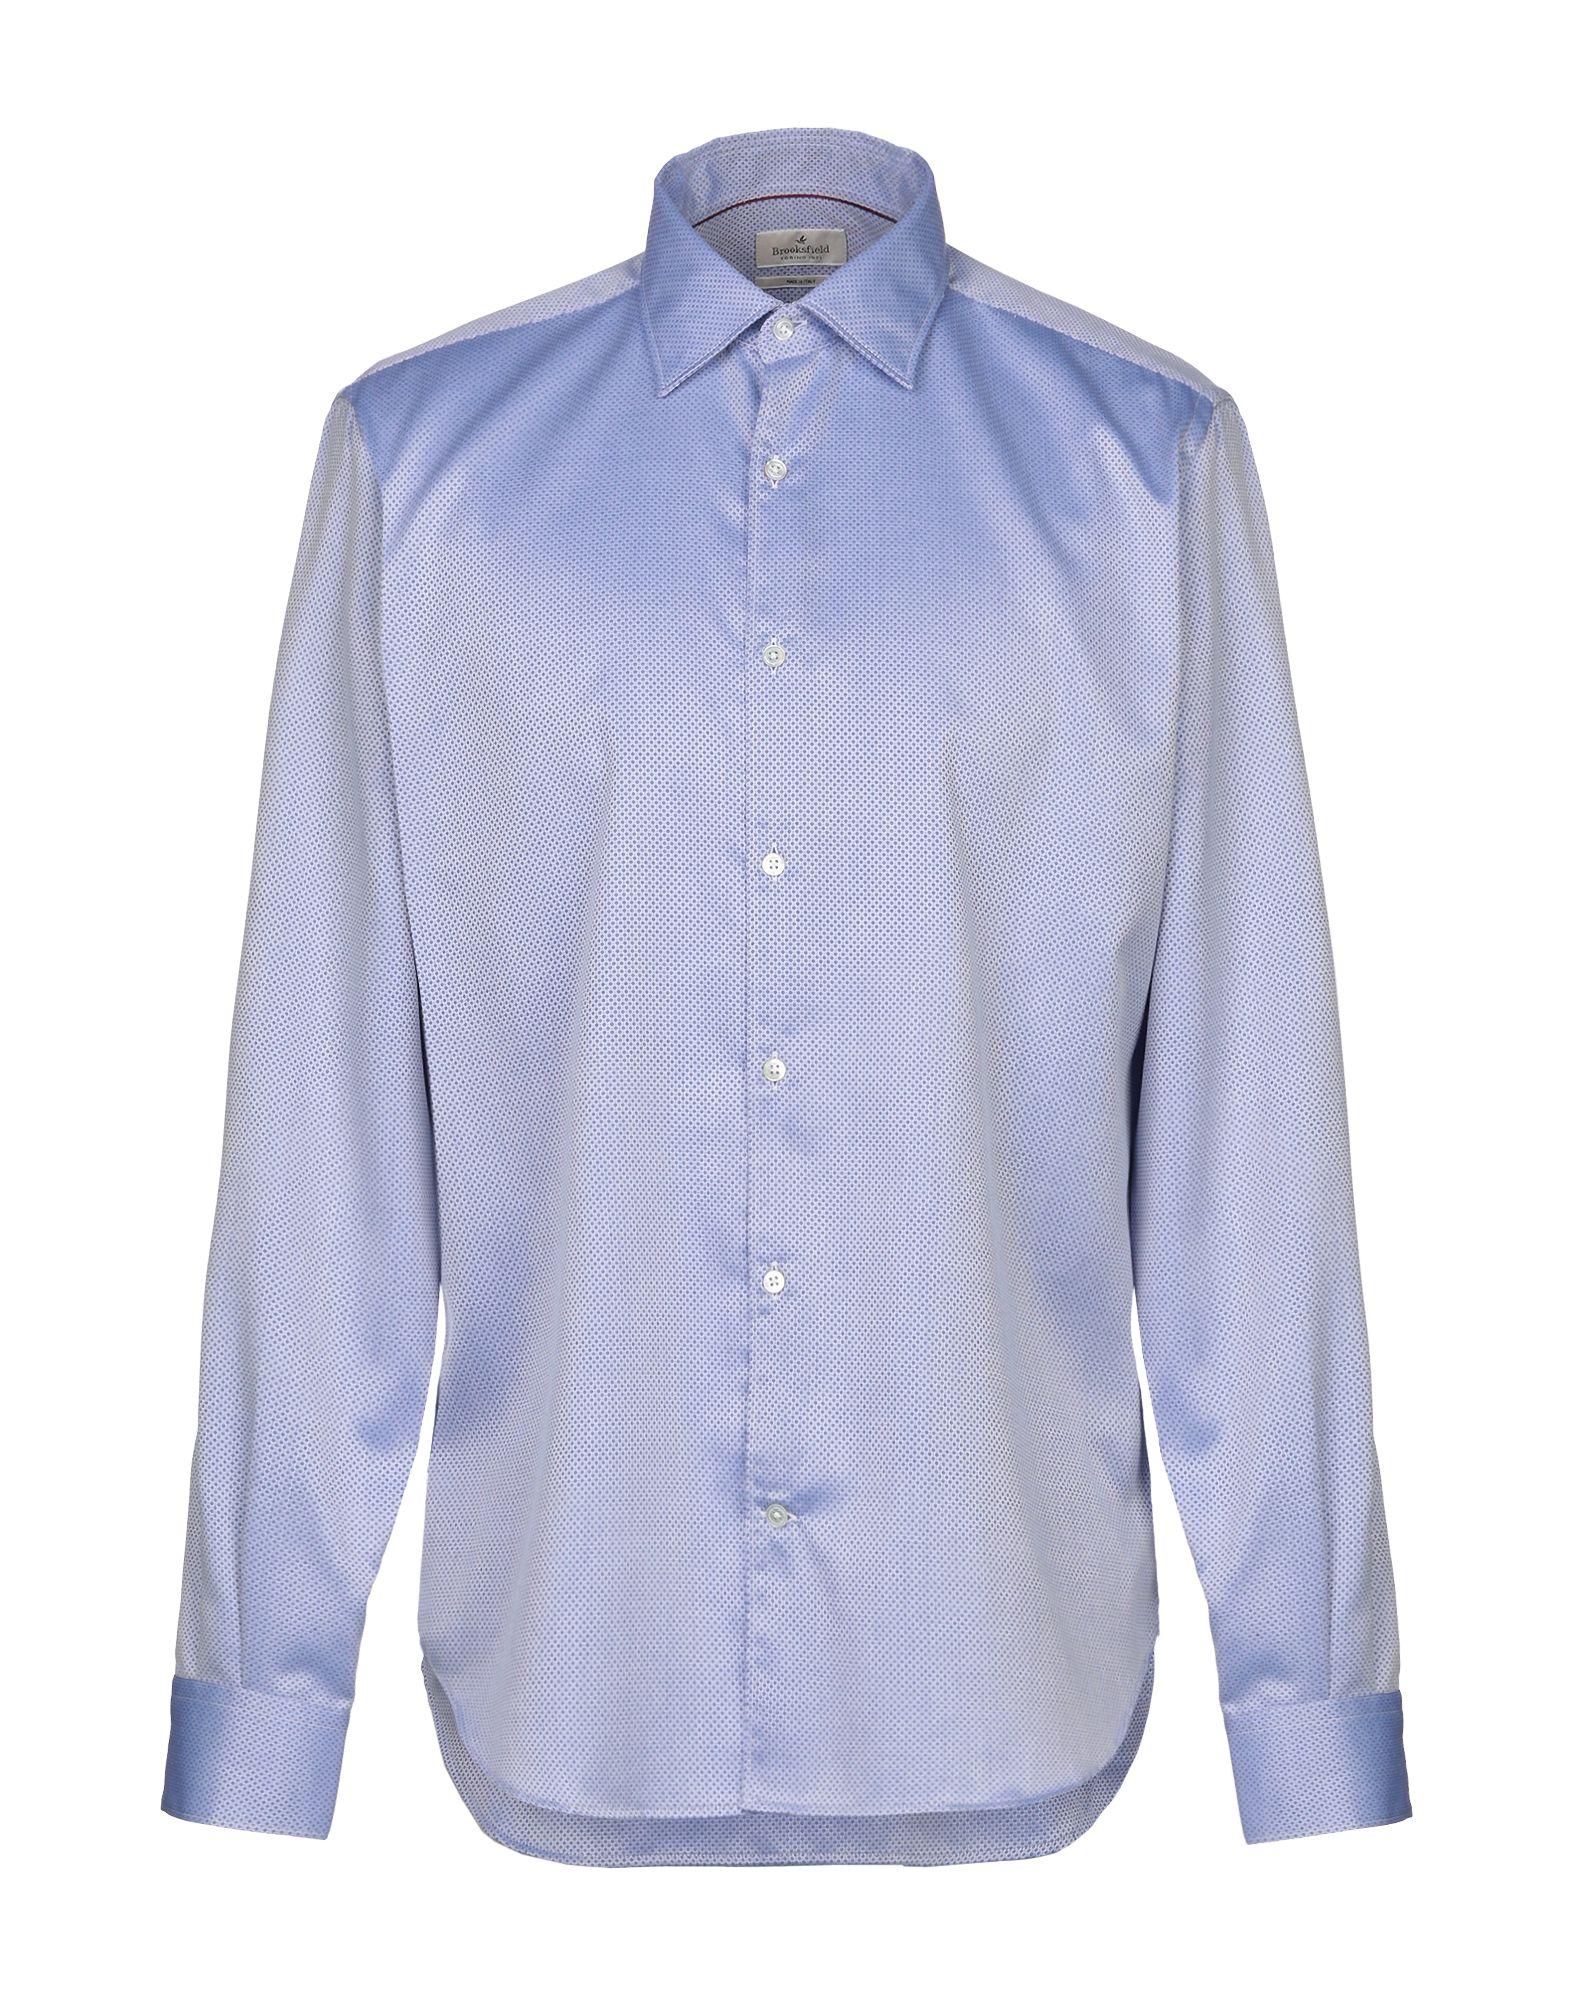 《期間限定 セール開催中》BROOKSFIELD メンズ シャツ アジュールブルー 38 コットン 100%